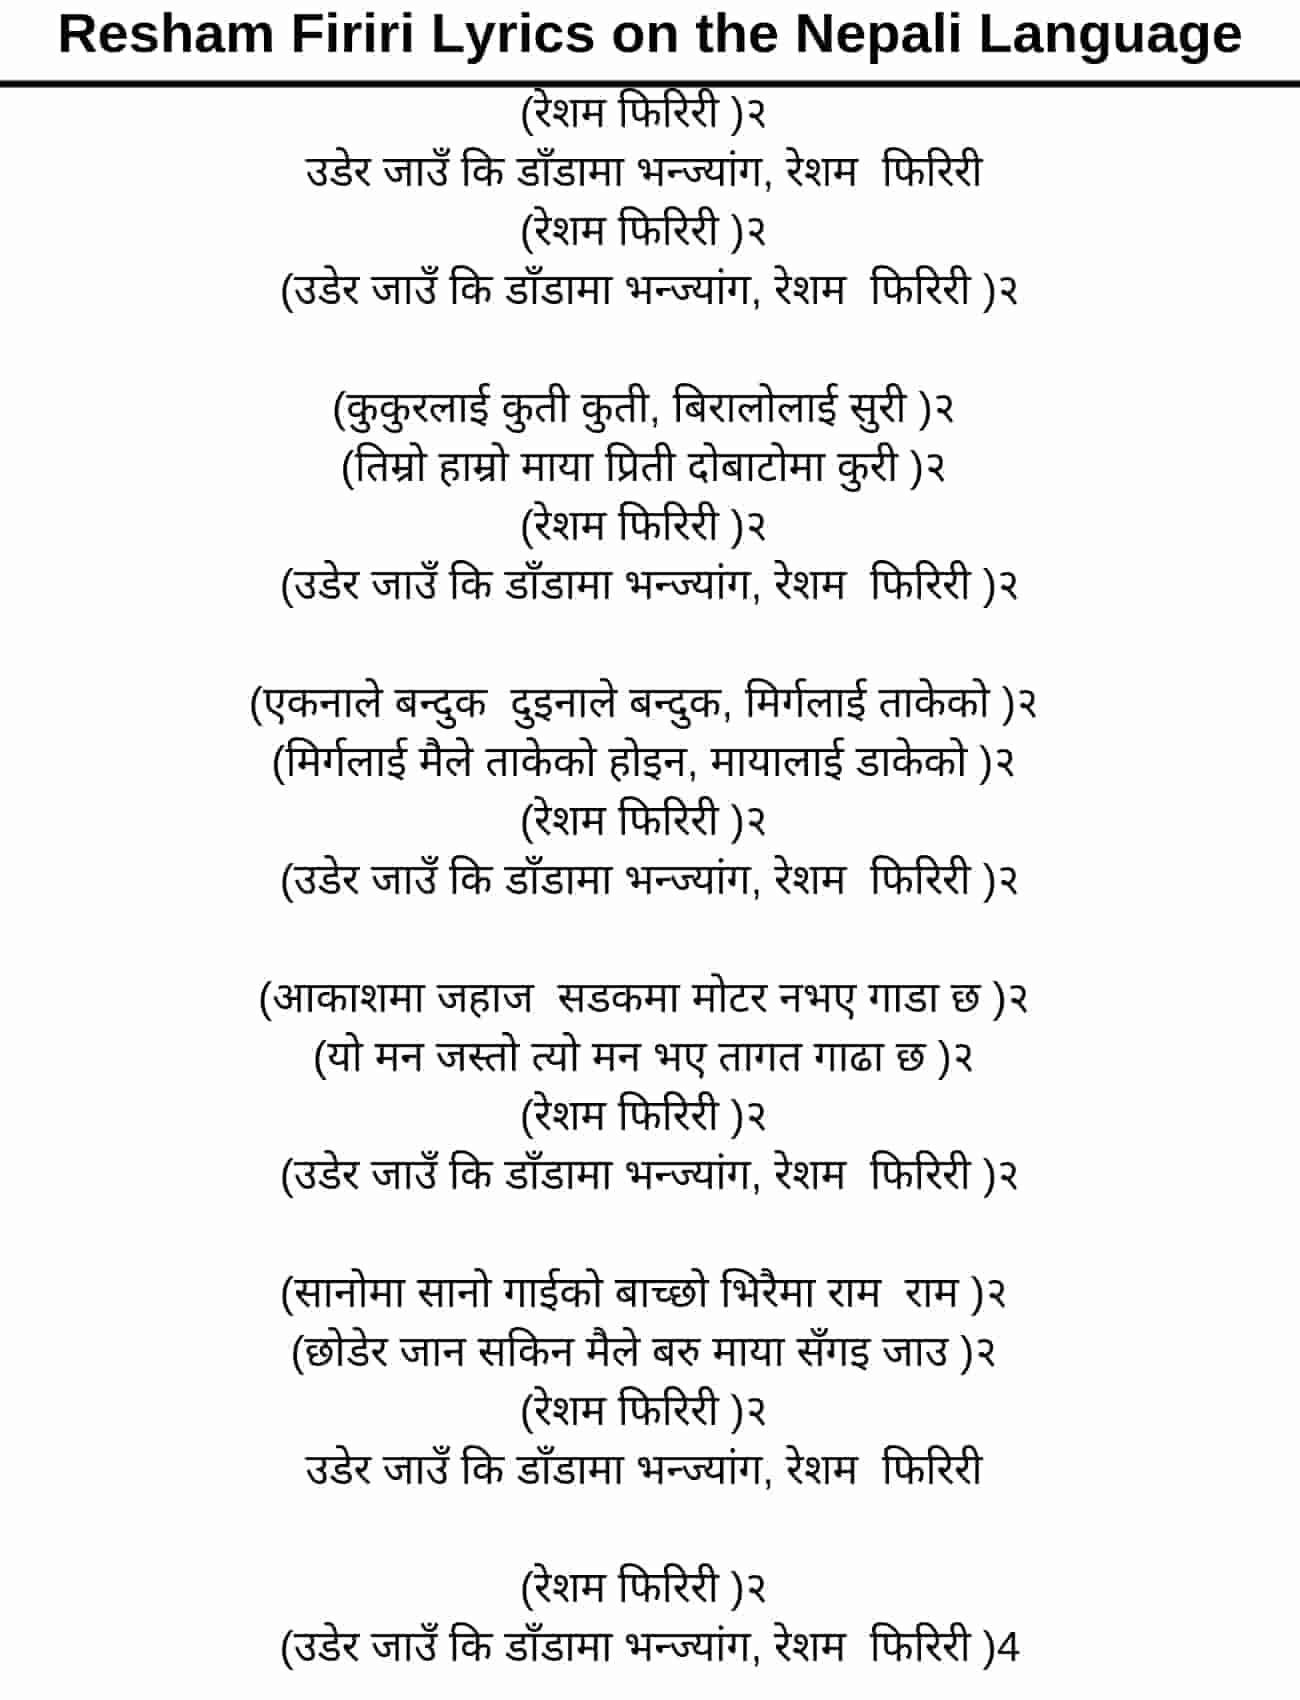 Resham firiri Lyrics in Nepali Language